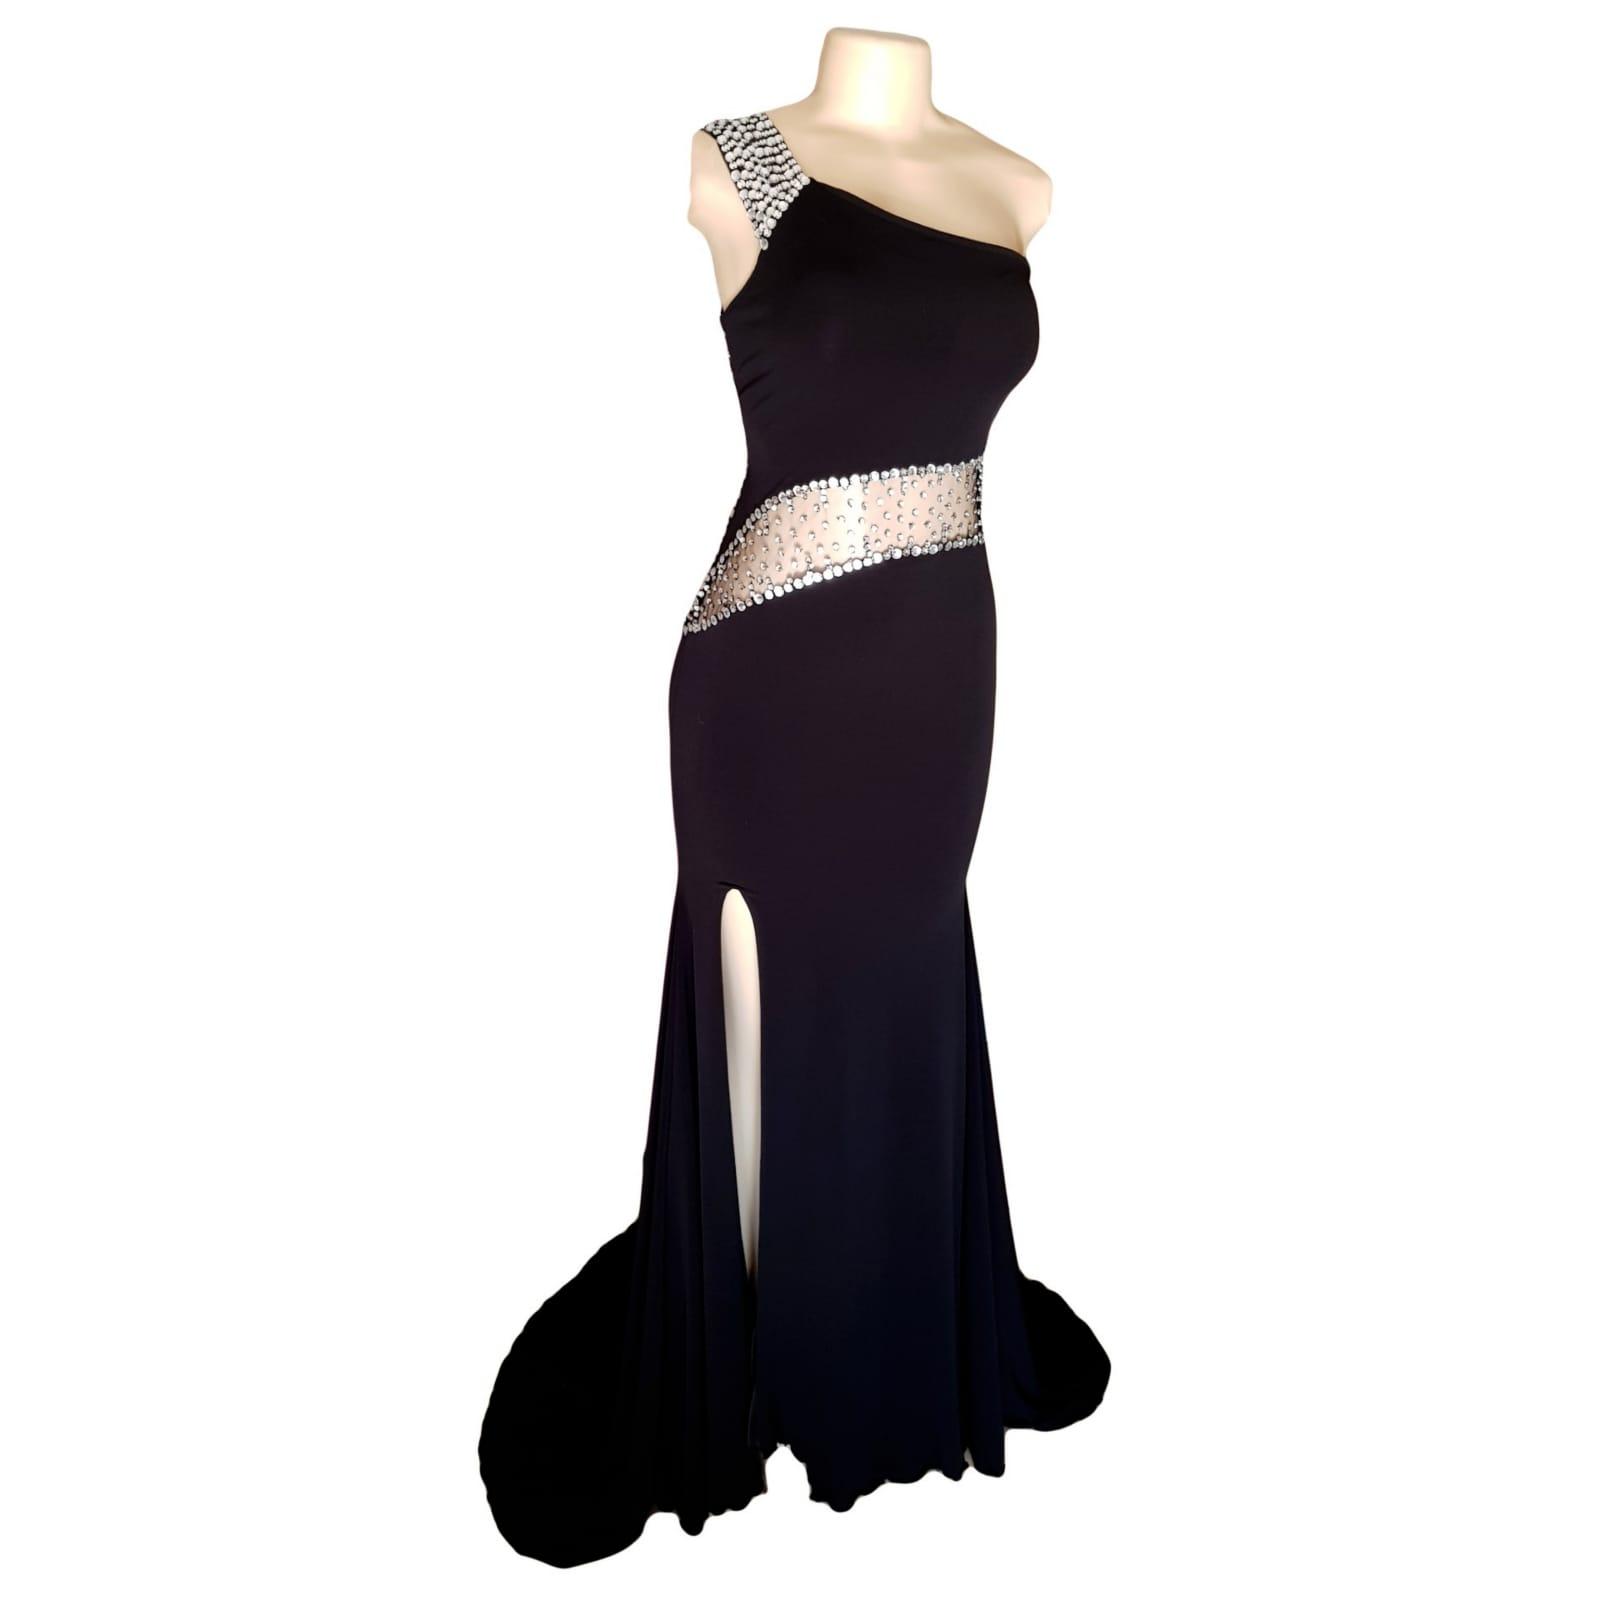 Vestido de finalistas preto e prateado 6 vestido de finalistas preto e prateado com design de ombro único, barriga de ilusão em ângulo e costas de ilusão detalhadas com brilhantes prateadas. Com uma racha e uma cauda.